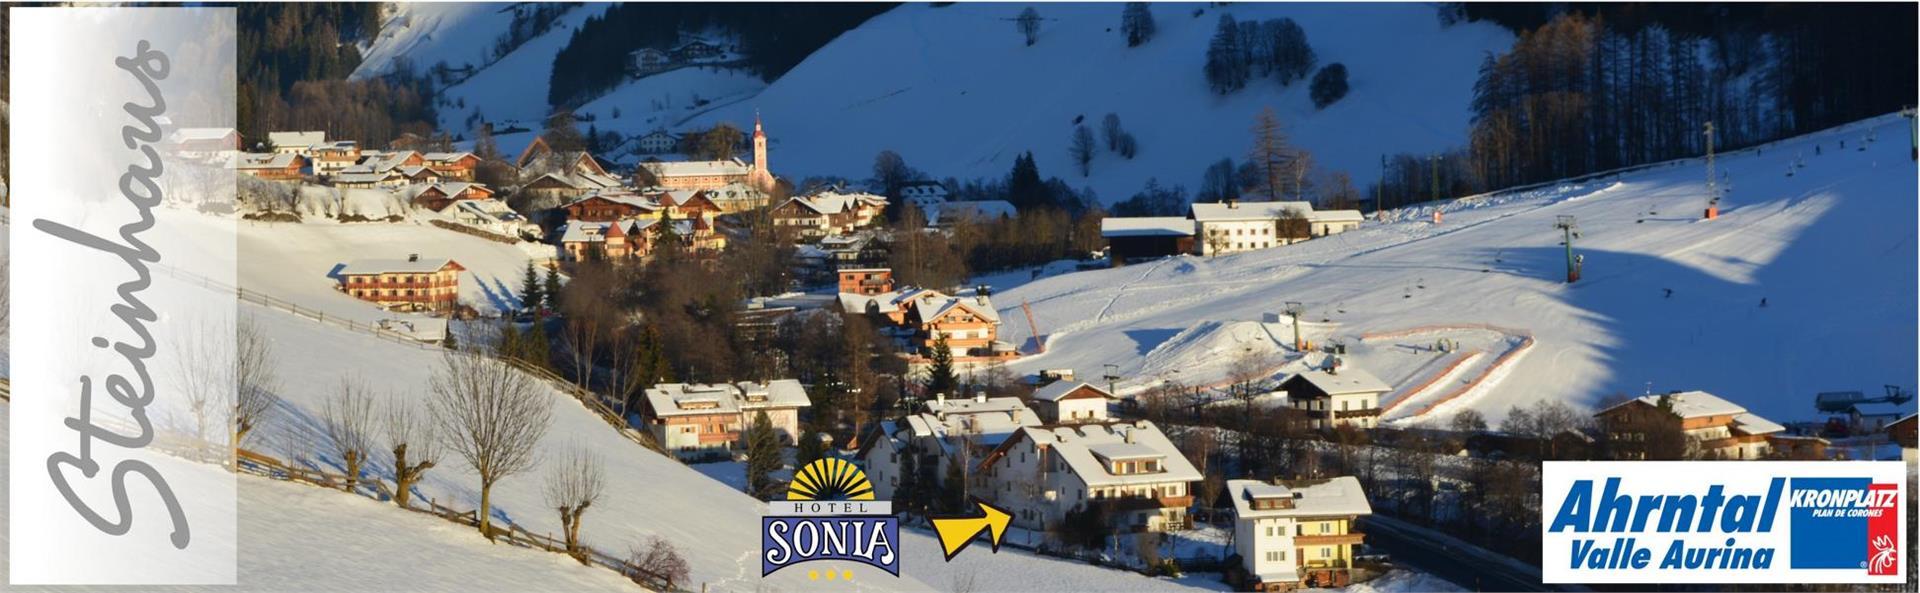 subito vicino ai impianti ski